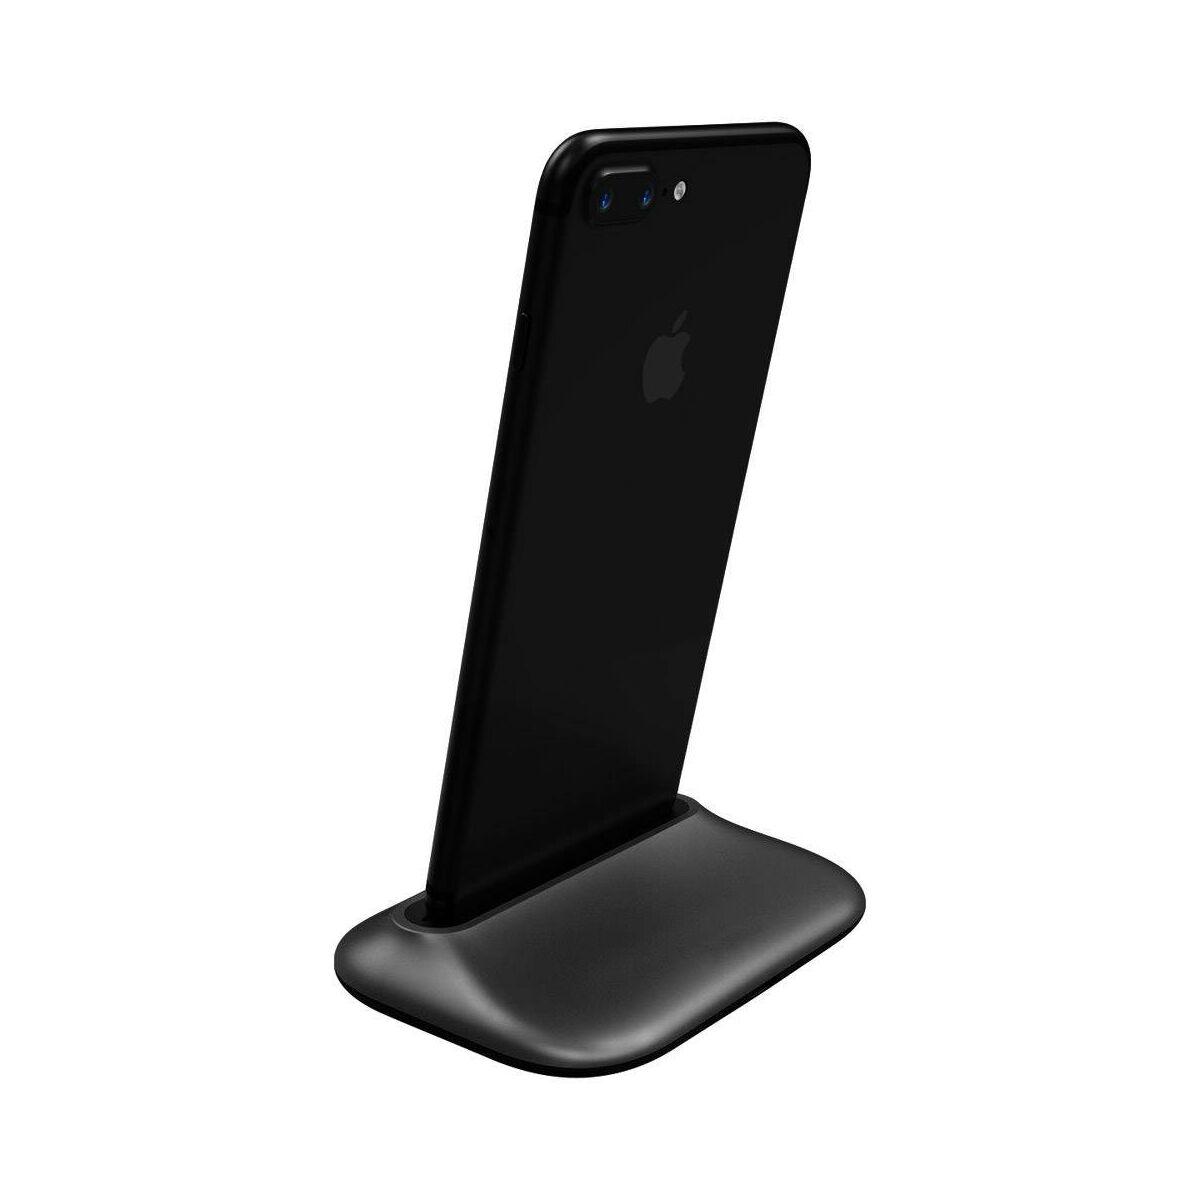 Baseus Little Volcano asztali dokkoló Lightning, USB kábel, 1m, fekete (ZCVL-01)